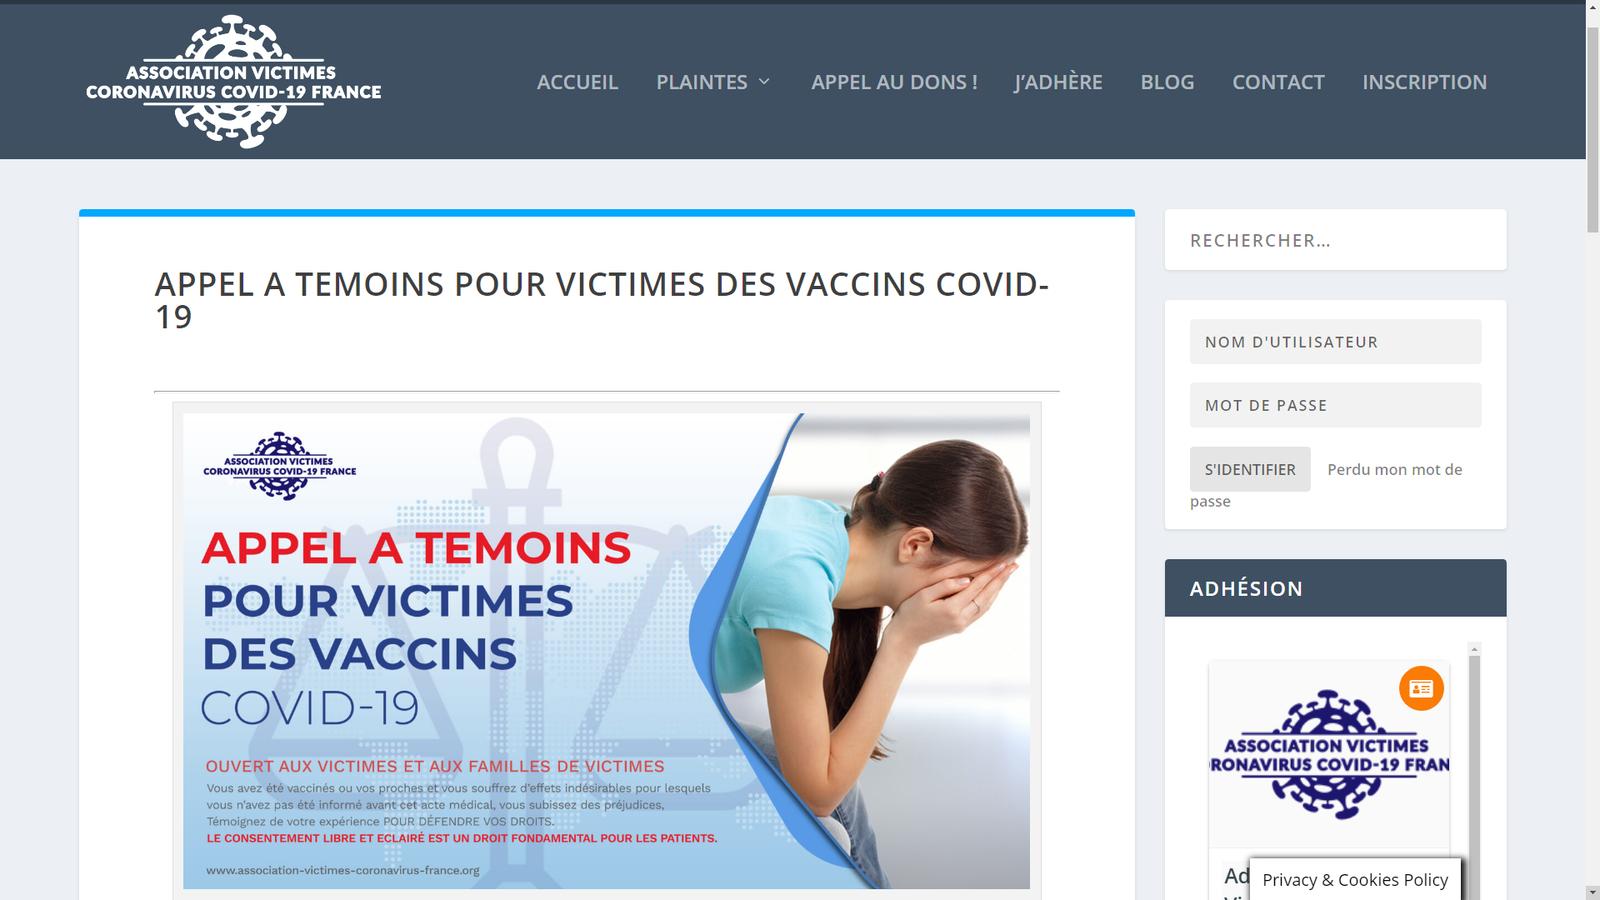 L'association Victimes Coronavirus Covid-19 lance un appel à témoins pour les victimes des vaccins Covid-19